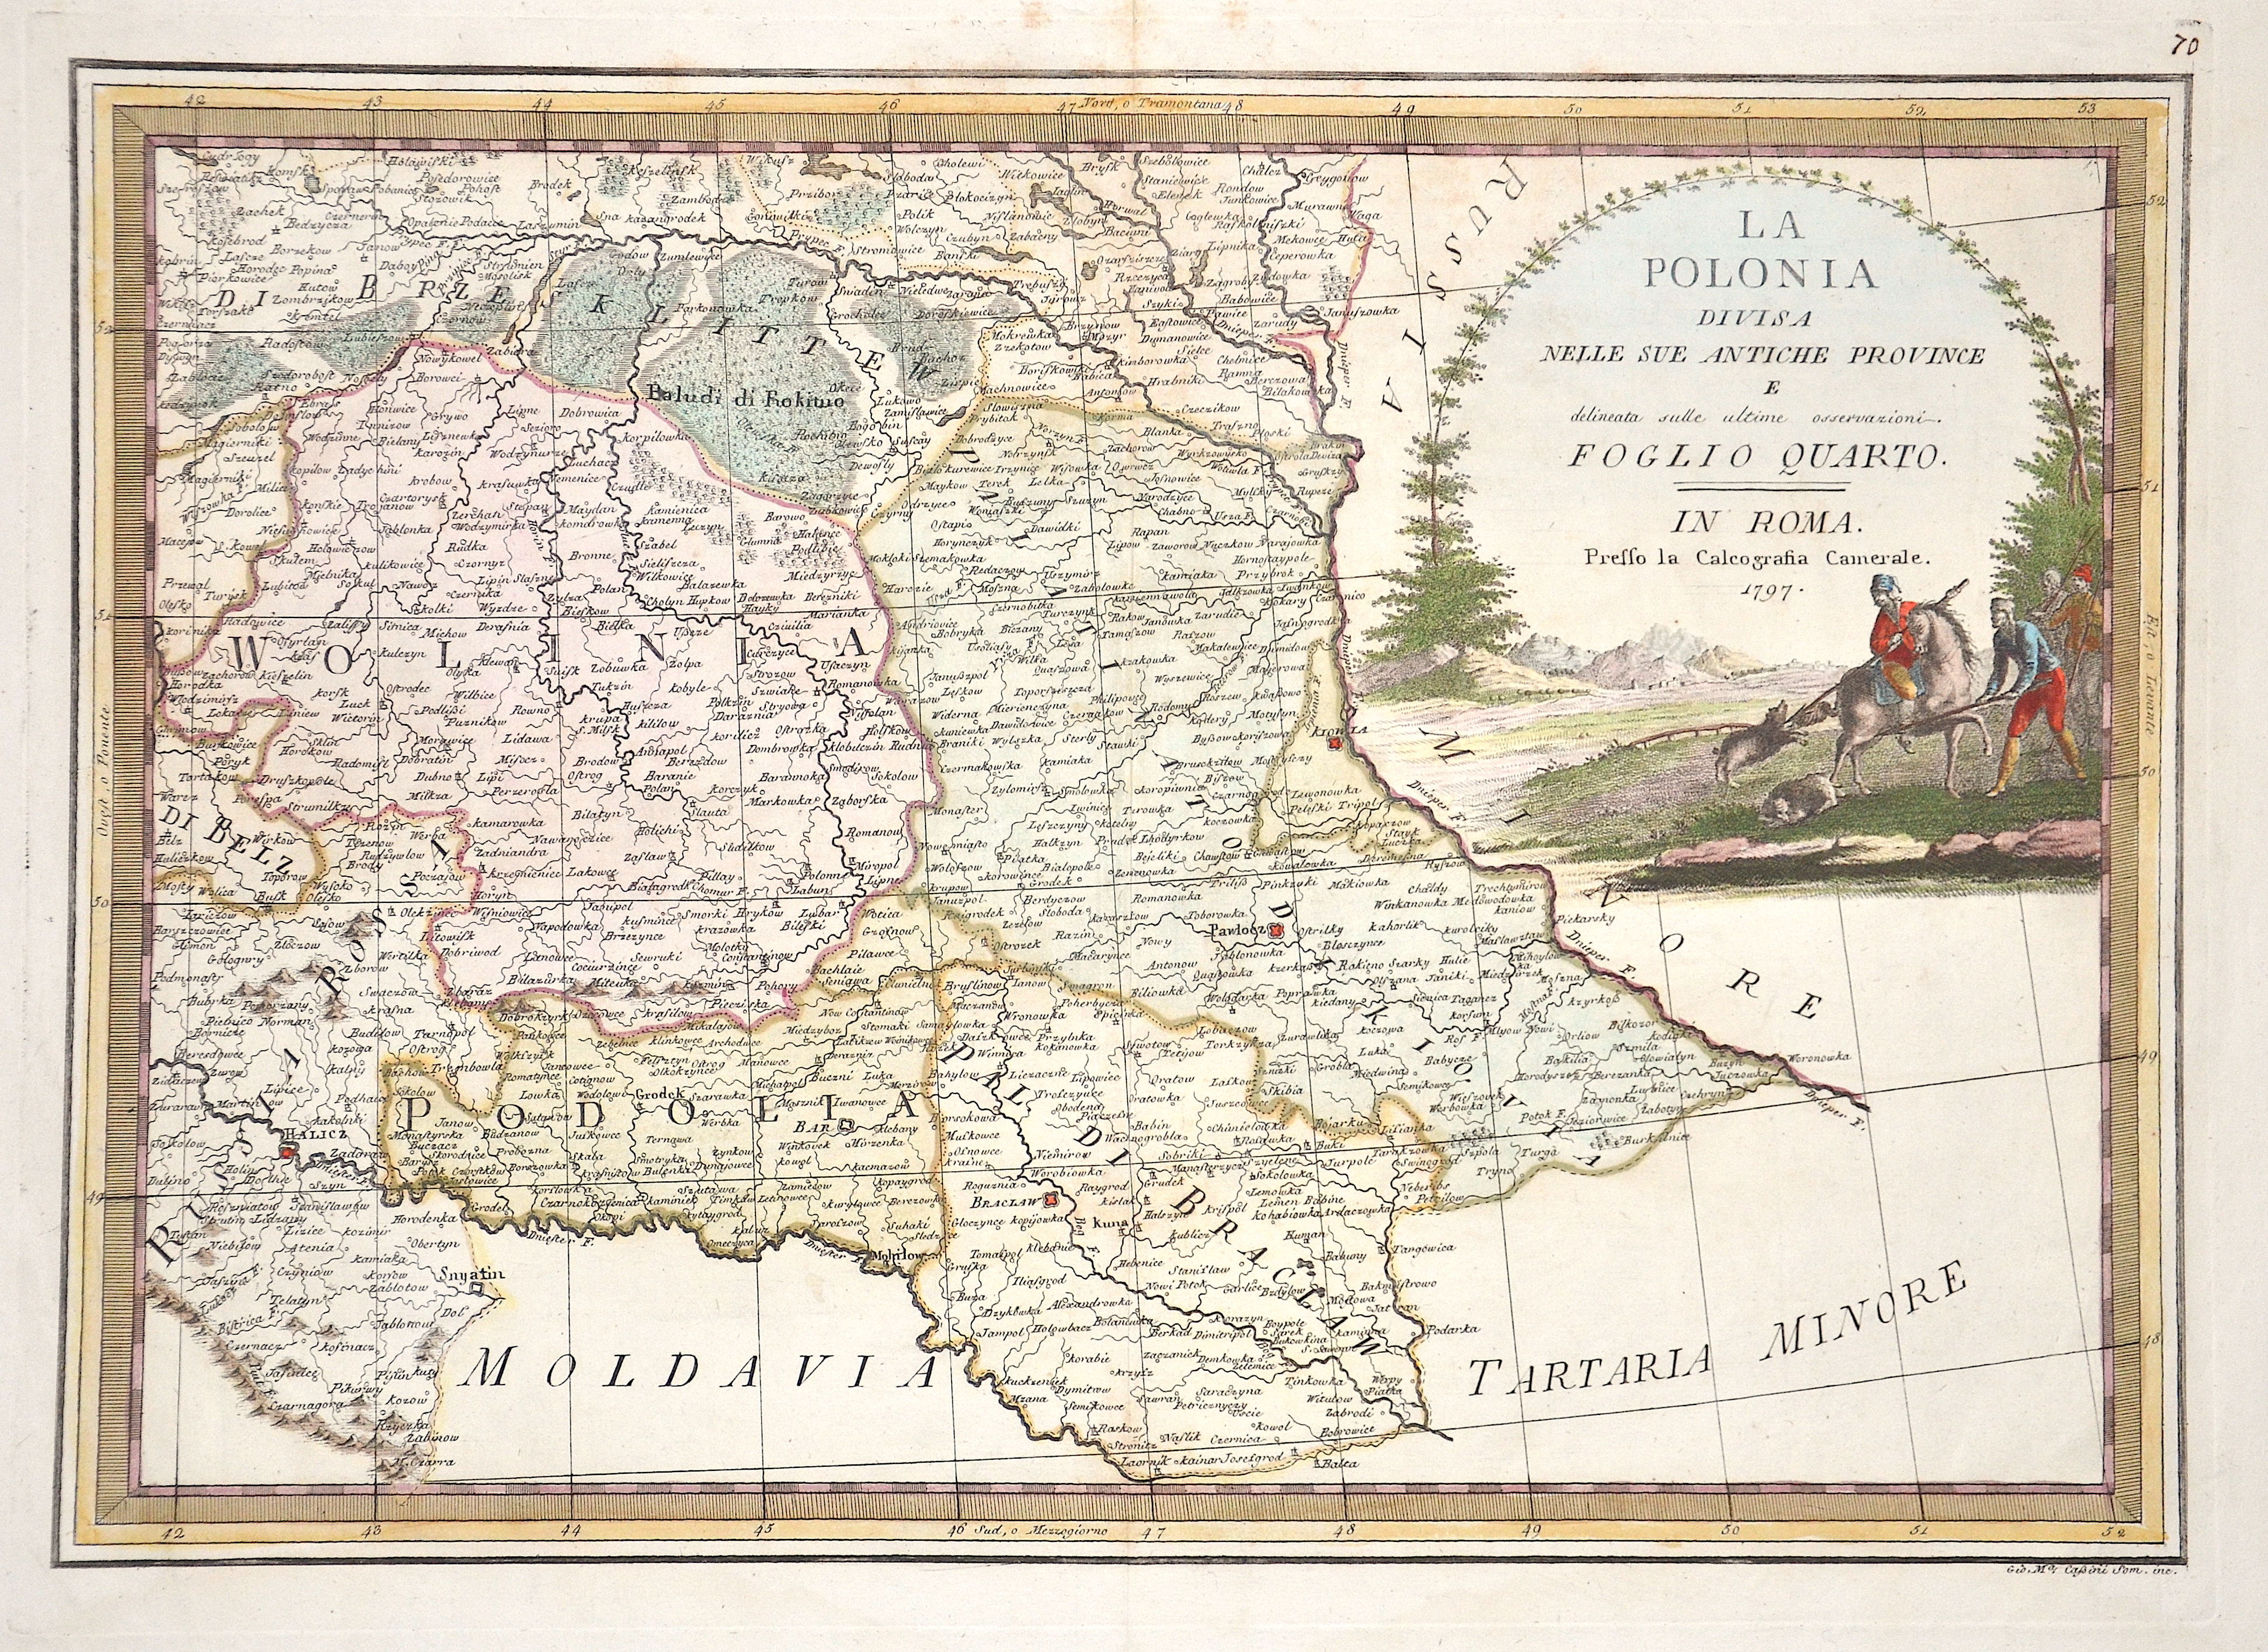 Cassini Giovanni Maria La Polonia divisa nelle sue Antiche Province